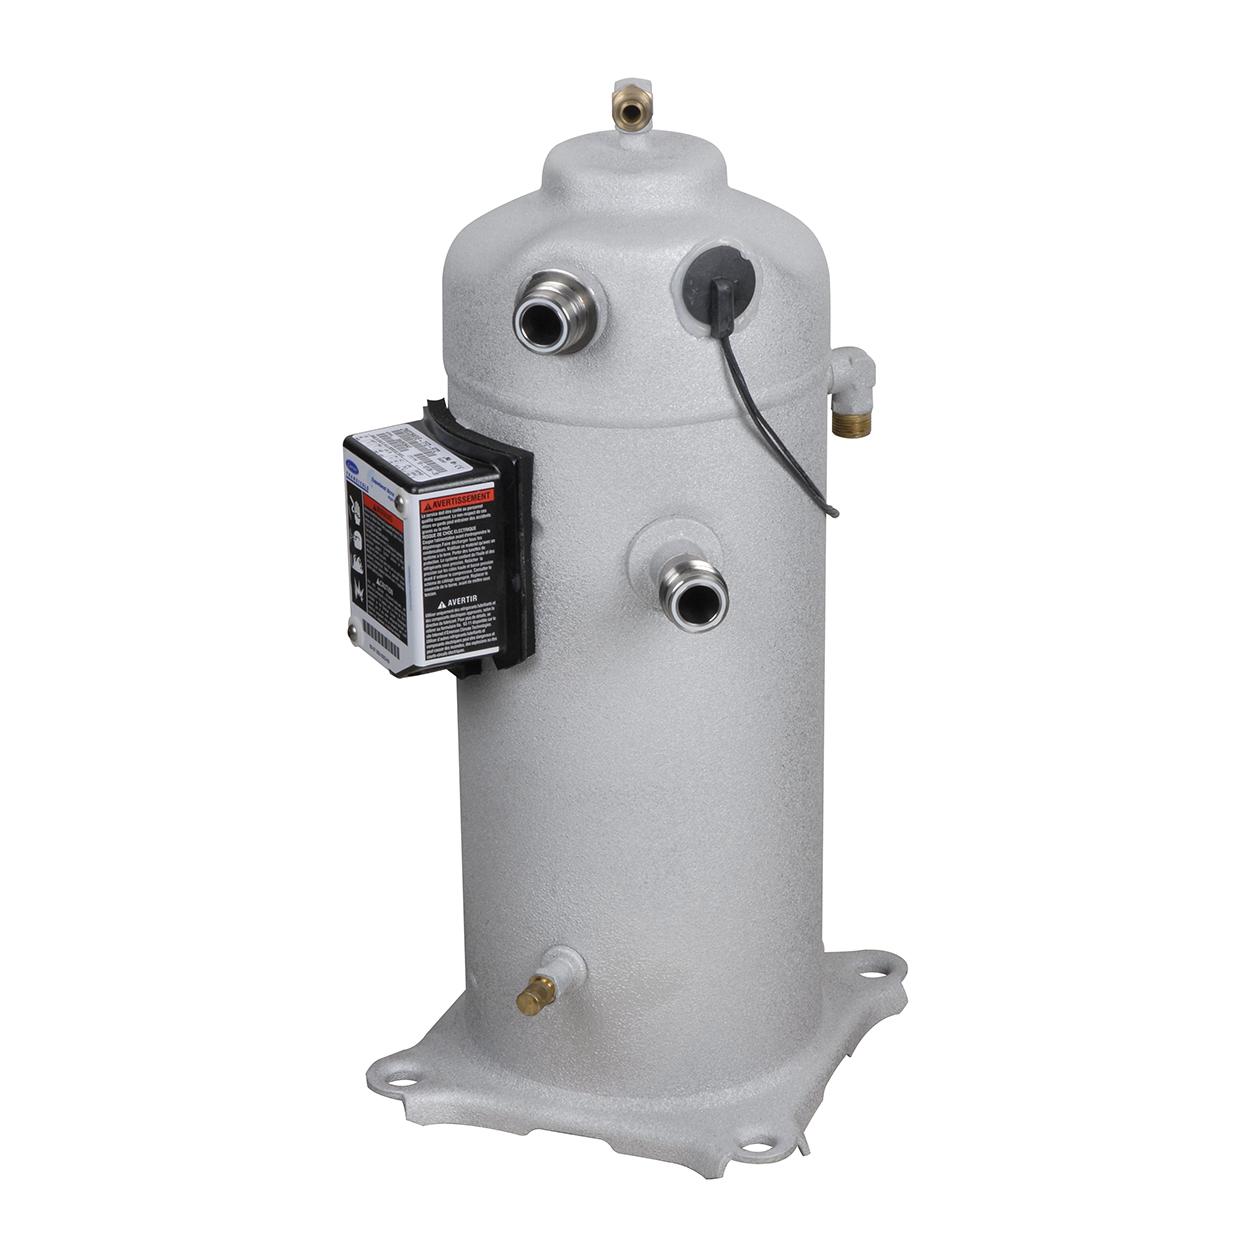 scroll-compressor-cutaway